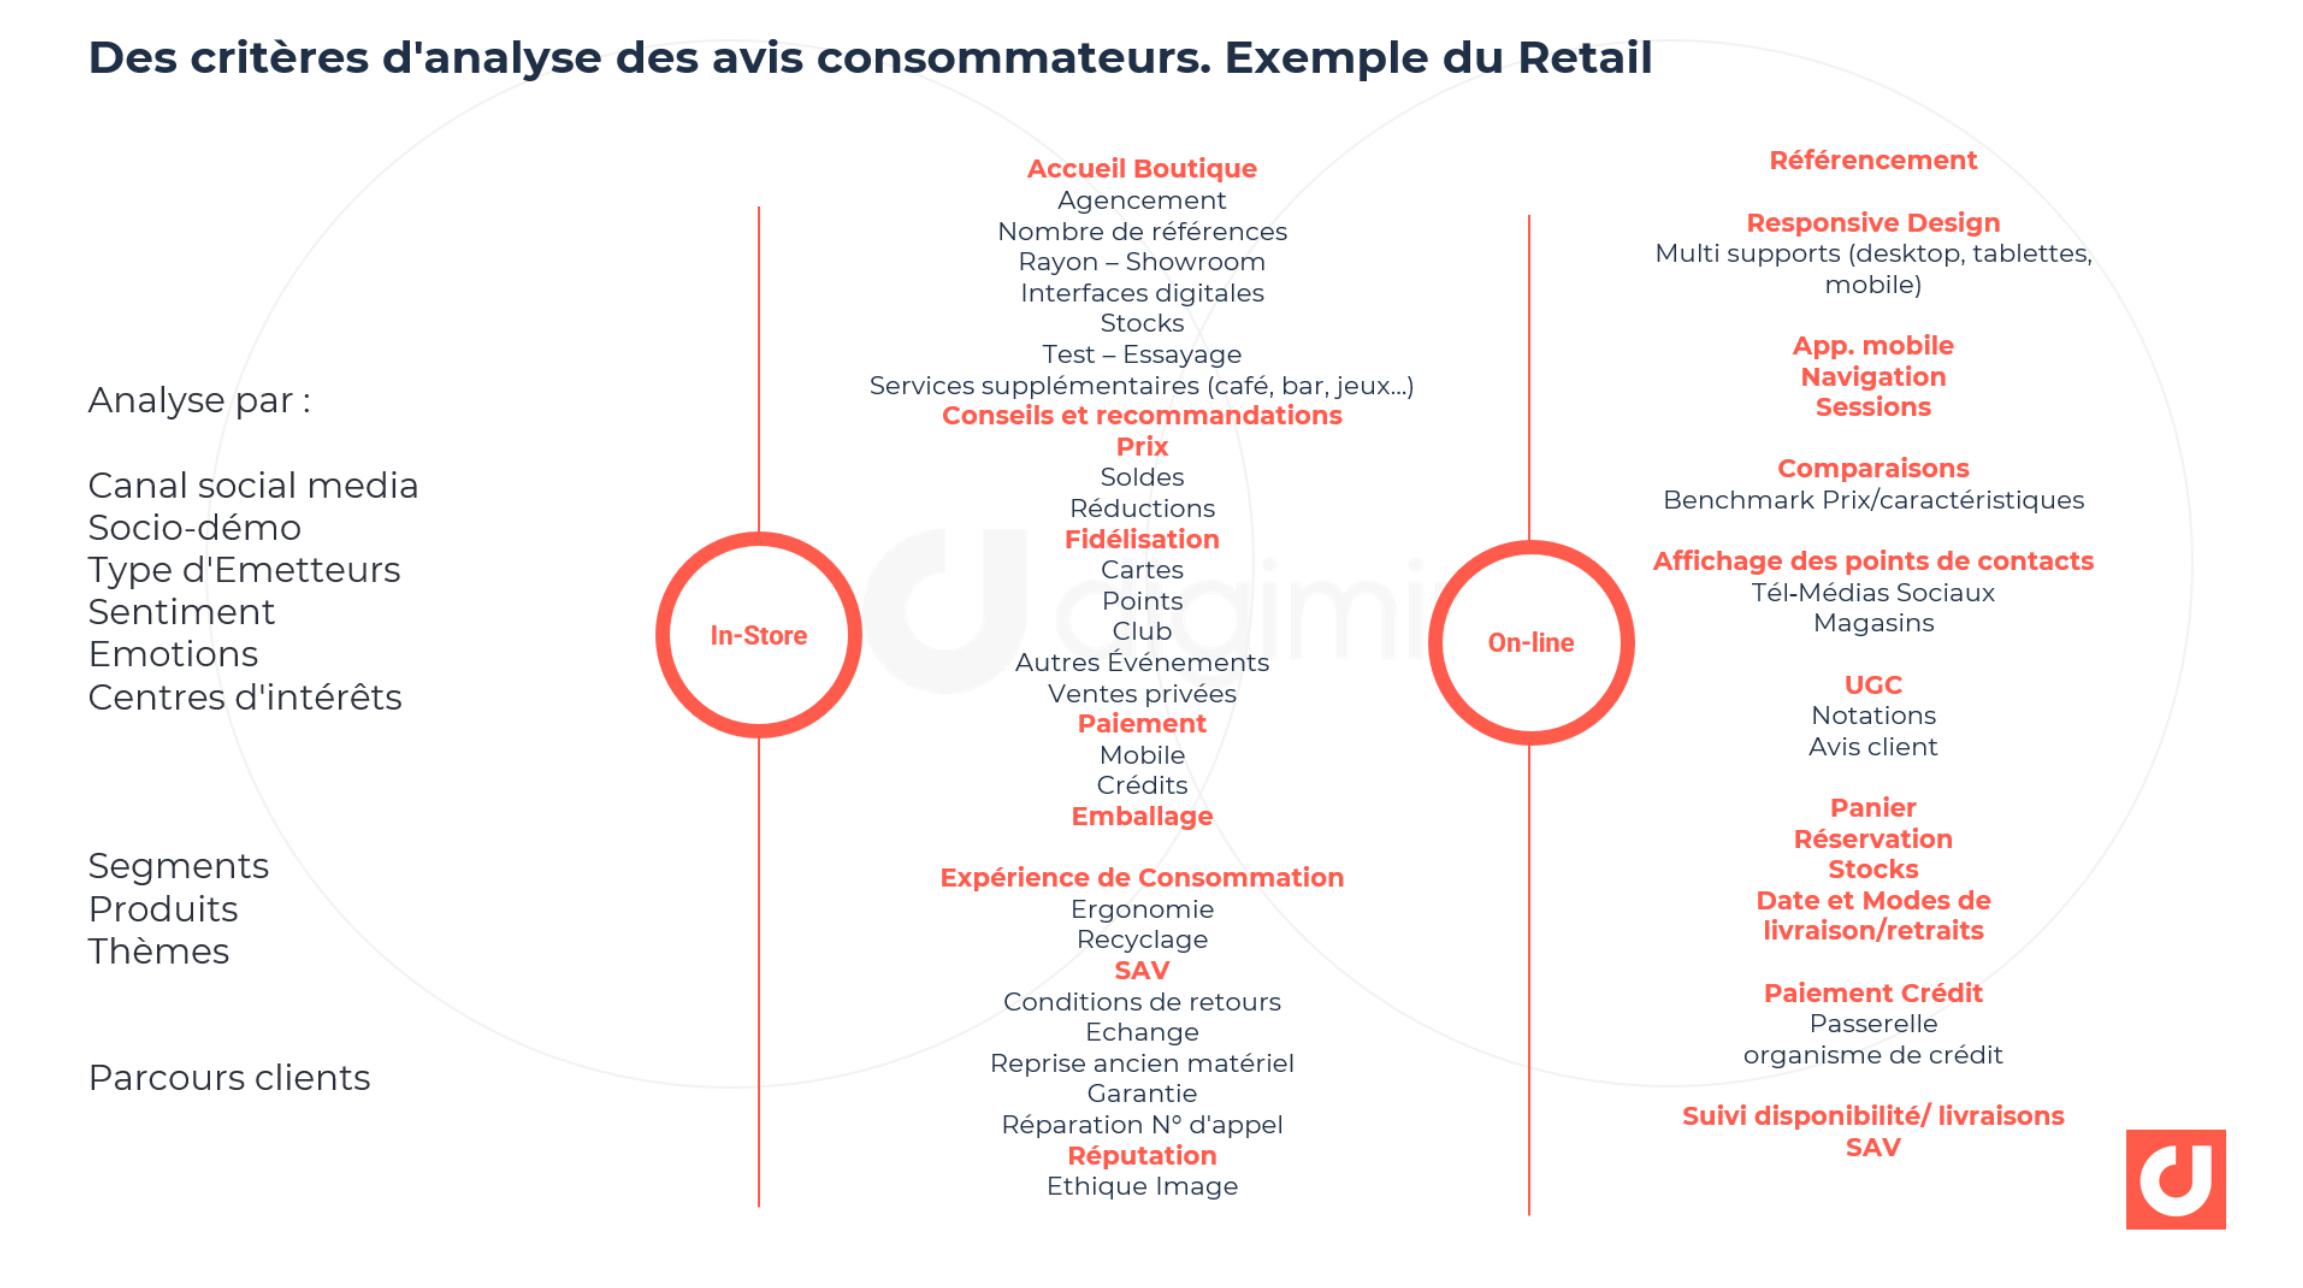 Des critères d'analyse des avis consommateurs. Exemple du Retail